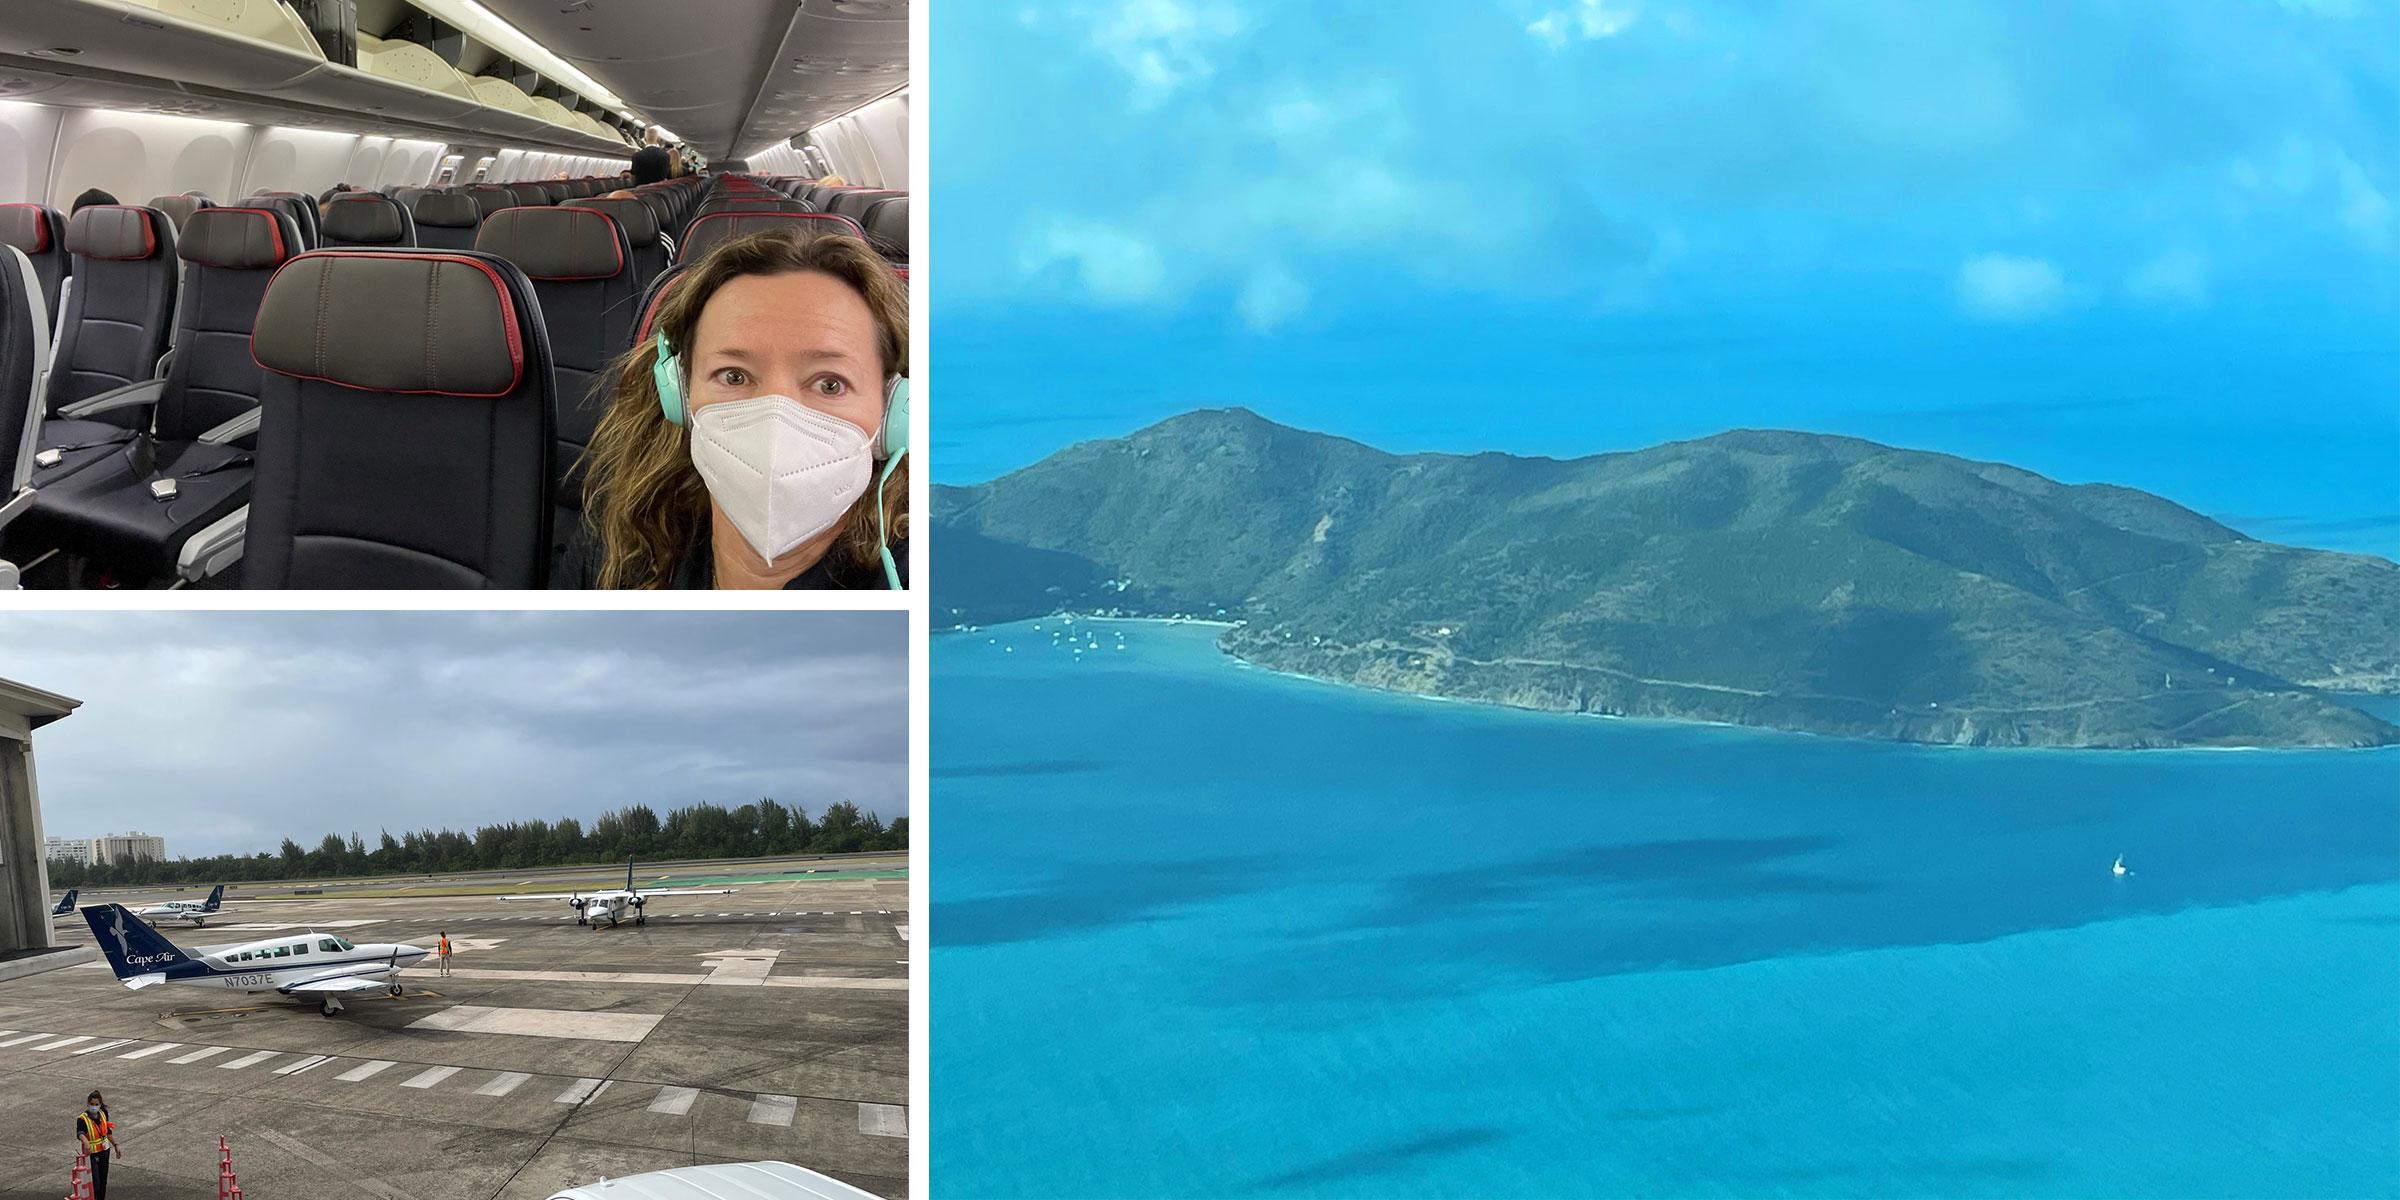 Josie with mask on flight, Cape Air plane, birdeye view Tortola BVI